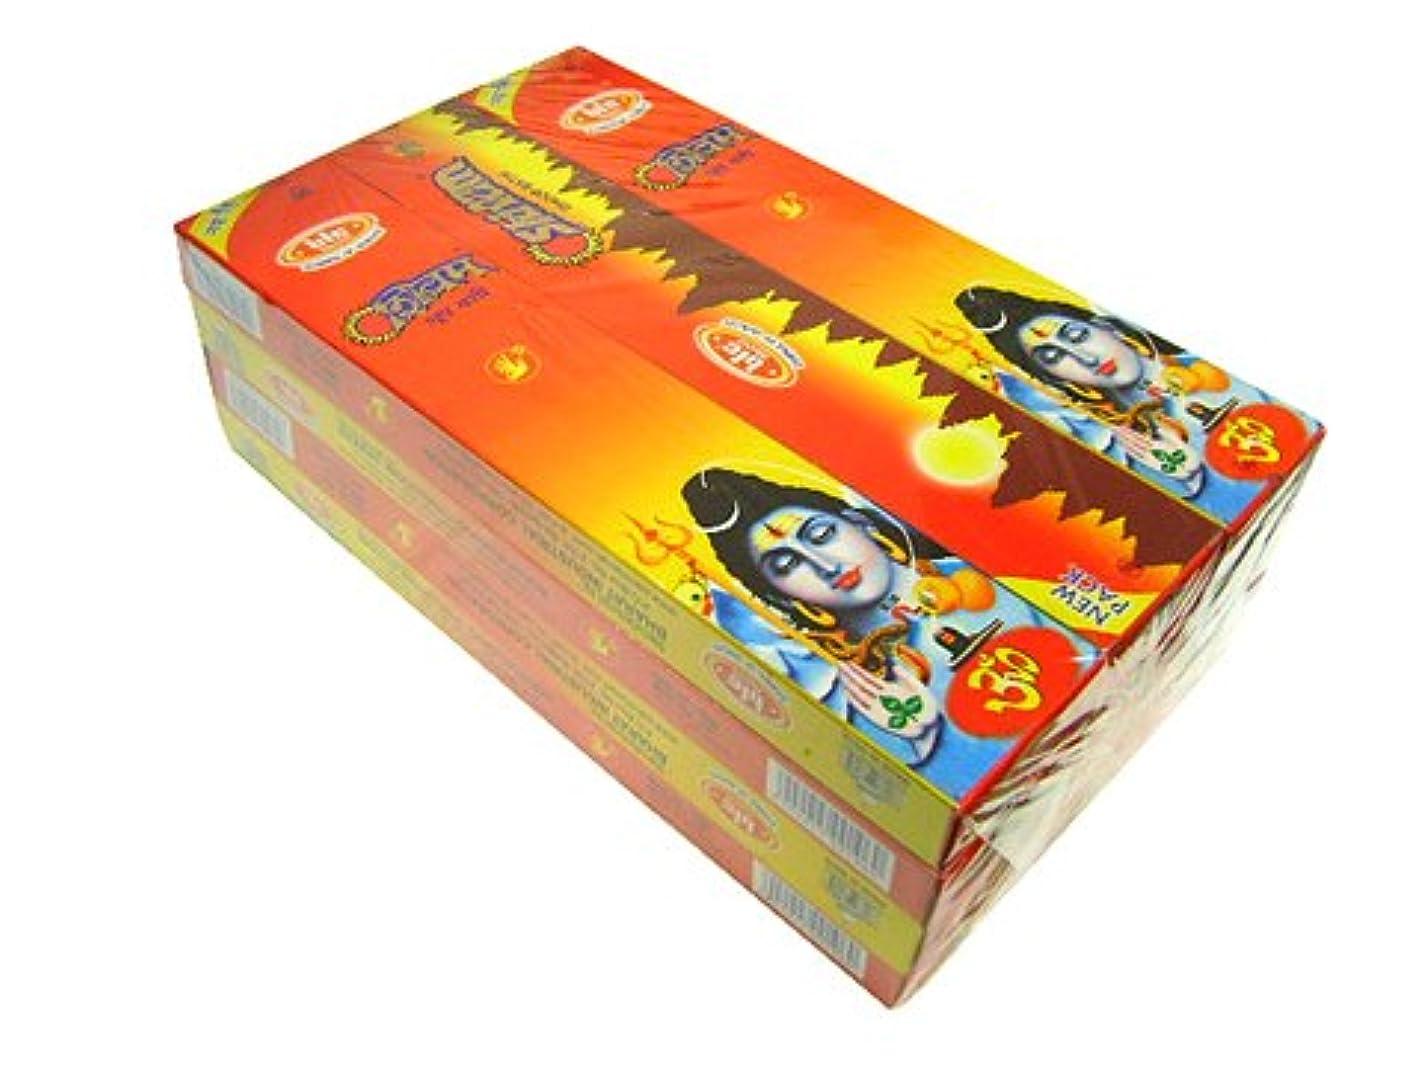 追放する不適競争BIC(ビック) シヴァム香(レギュラーボックス) スティック SHIVAM REG BOX 12箱セット